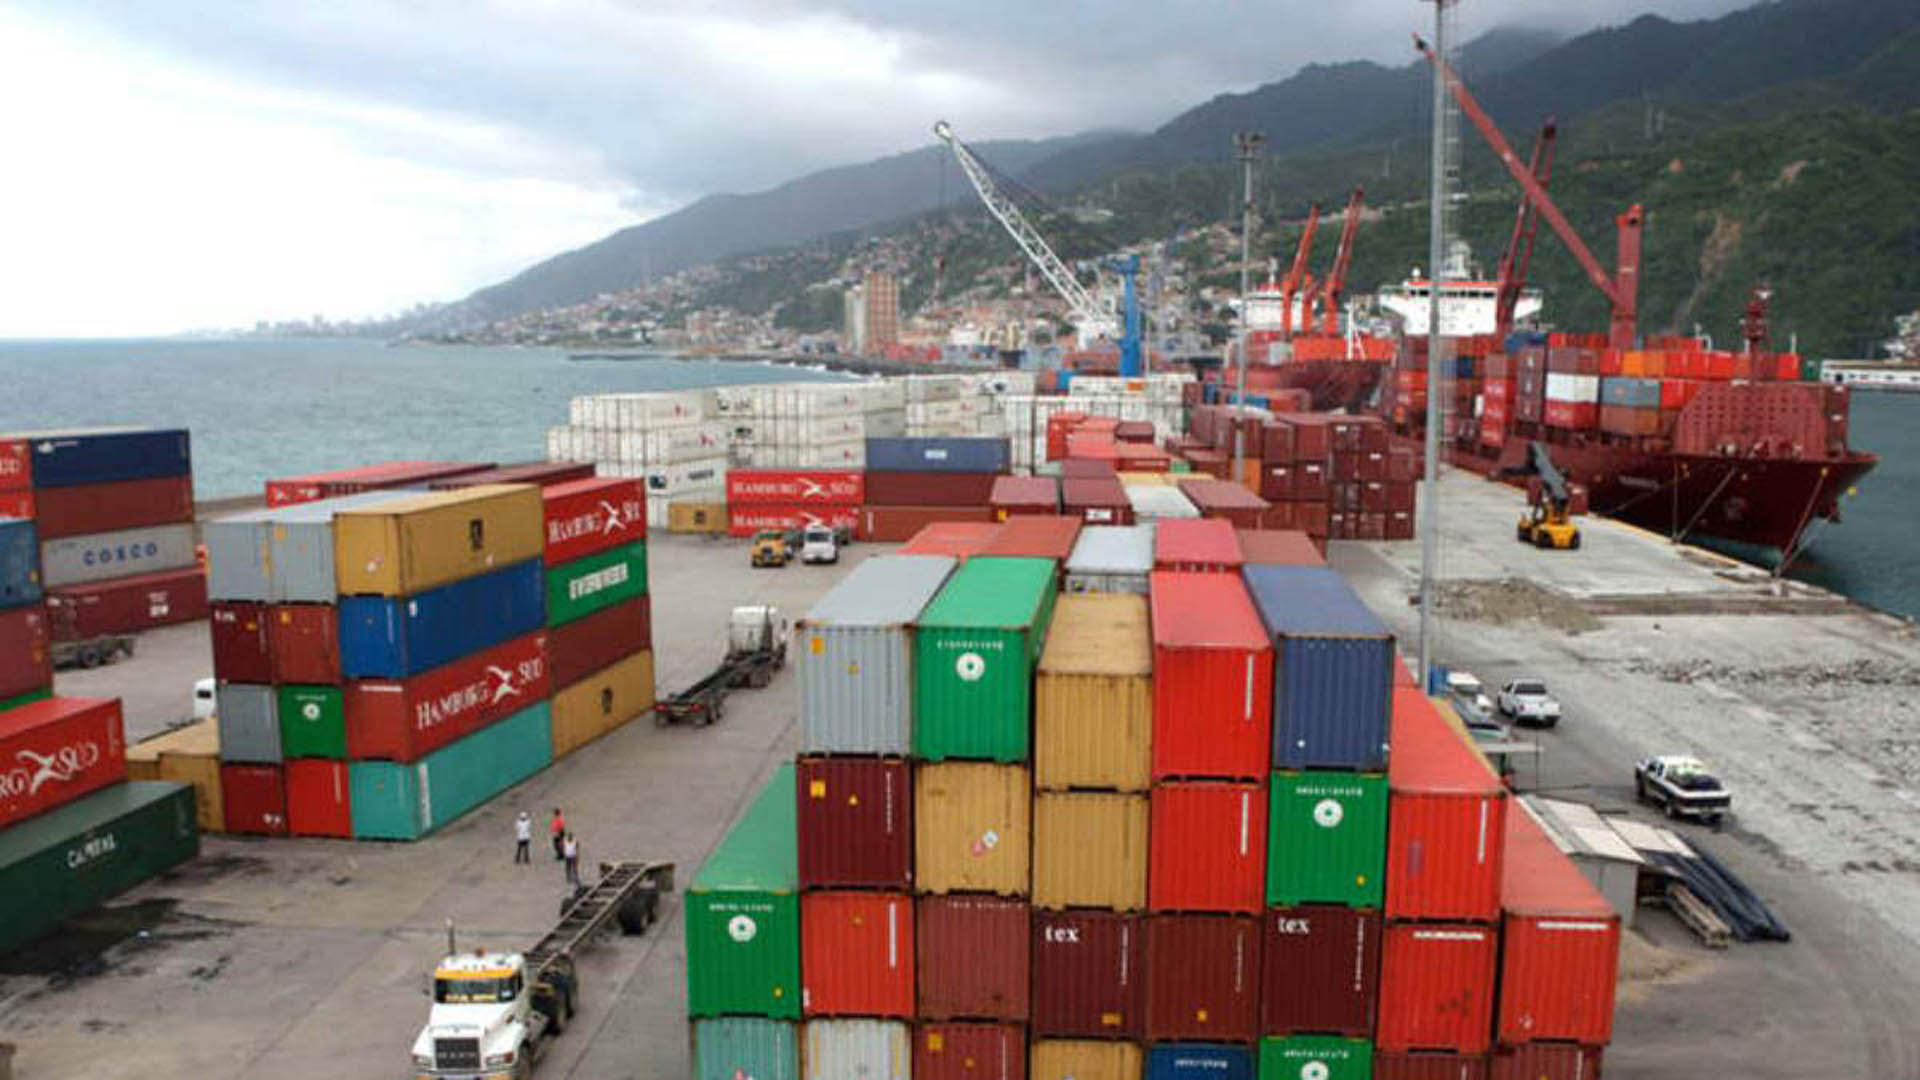 Puerto de La Guaira cargado de buques con alimentos y medicinas